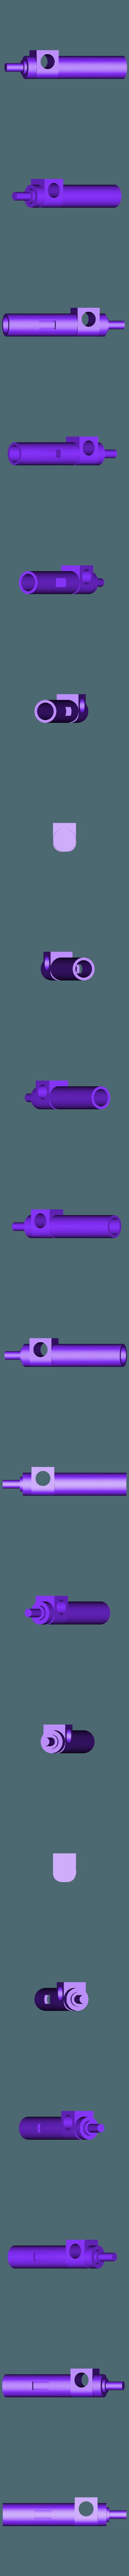 Pipe.stl Télécharger fichier STL gratuit VOITURE • Objet imprimable en 3D, choimoni